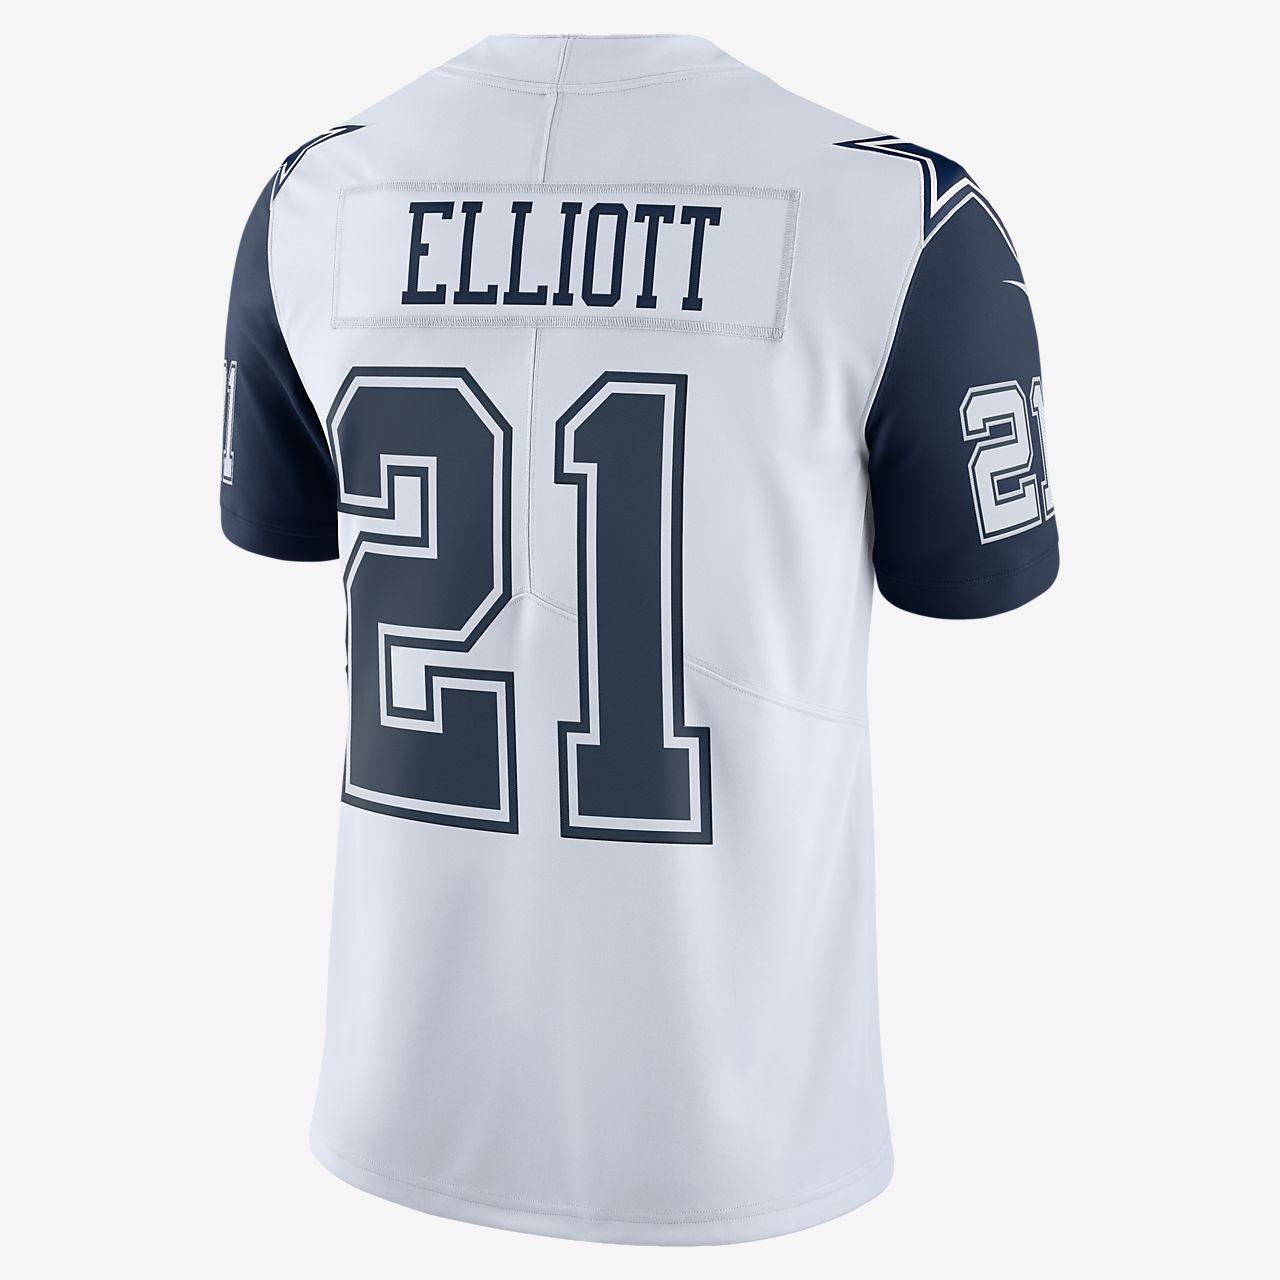 3fbd5f74a9f25 ... Camiseta de fútbol americano para hombre NFL Dallas Cowboys Color Rush  Limited (Ezekiel Elliott)